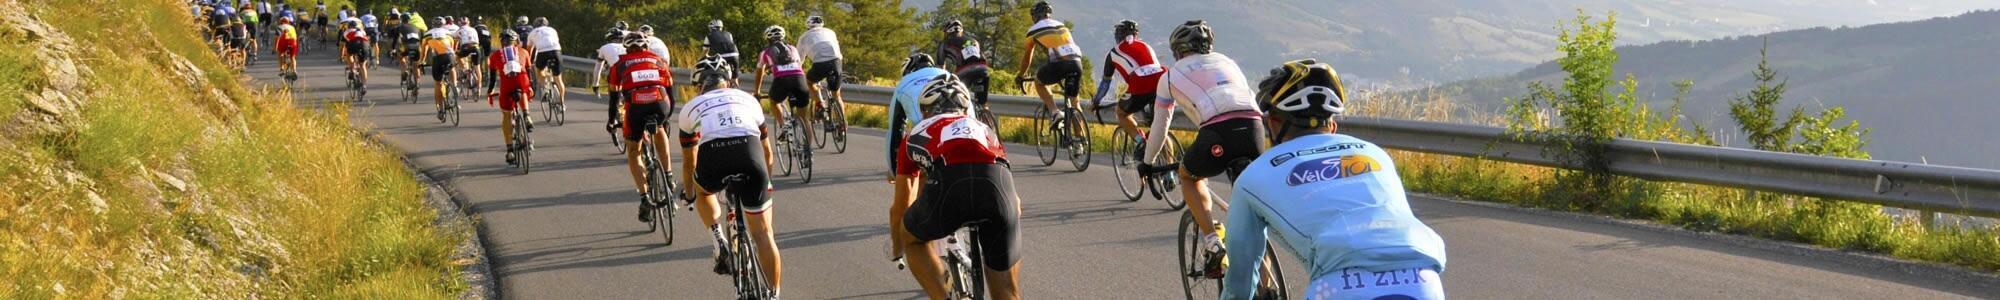 Offerta Nove Colli di Cesenatico 2019 in hotel con servizi per ciclisti